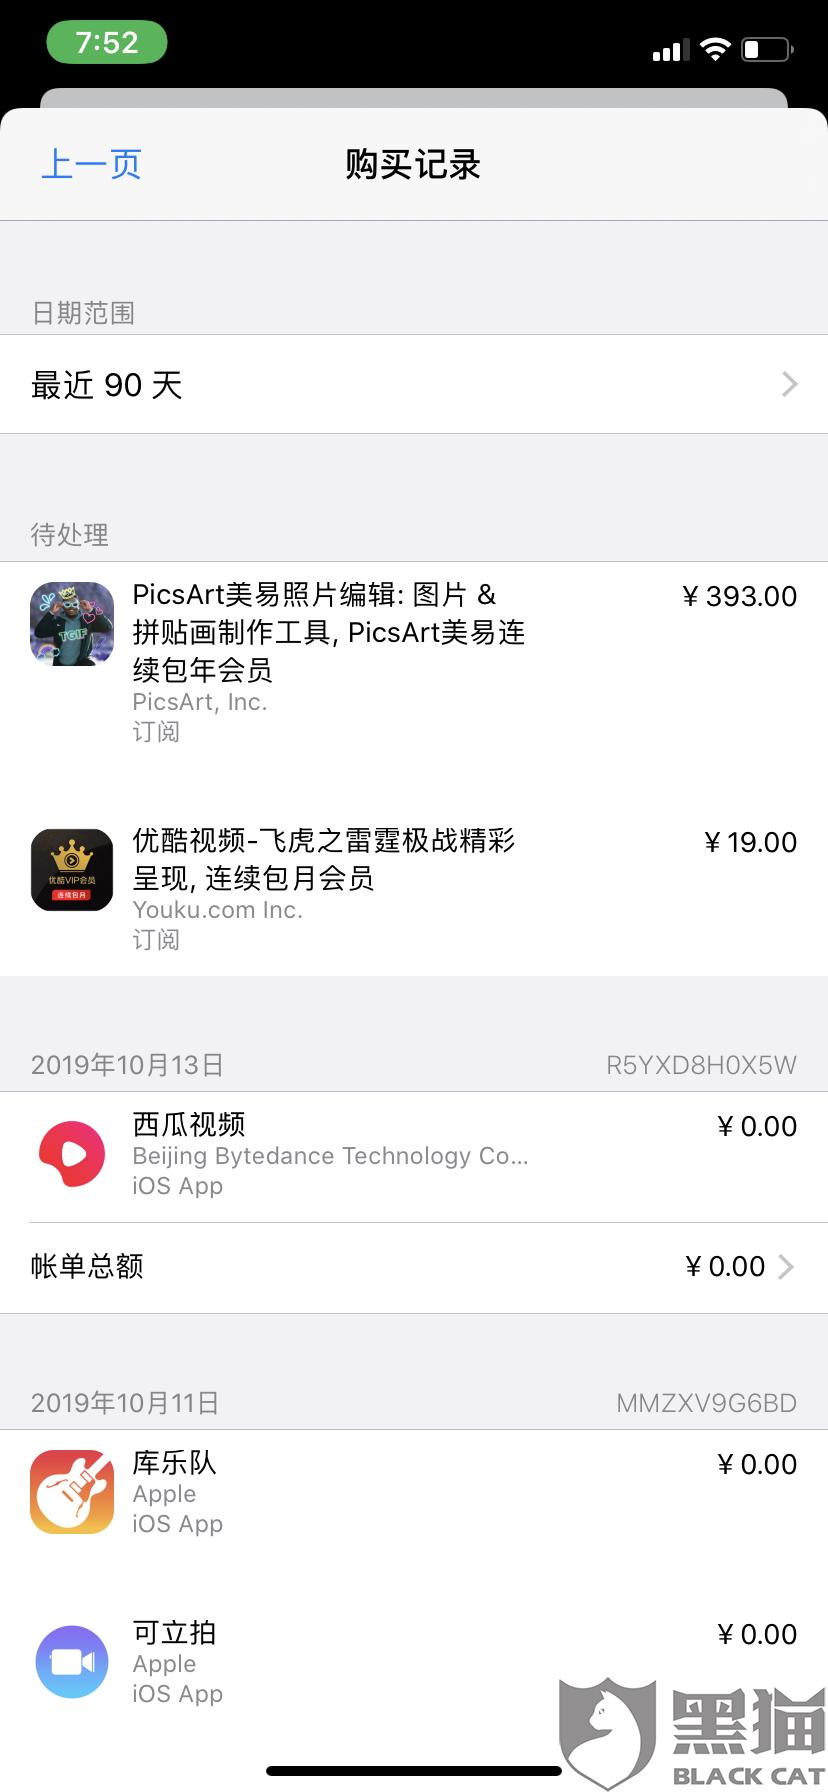 黑猫投诉:美易软件恶意扣费,在我不知情的情况下扣除393元,现在苹果官方不予退款